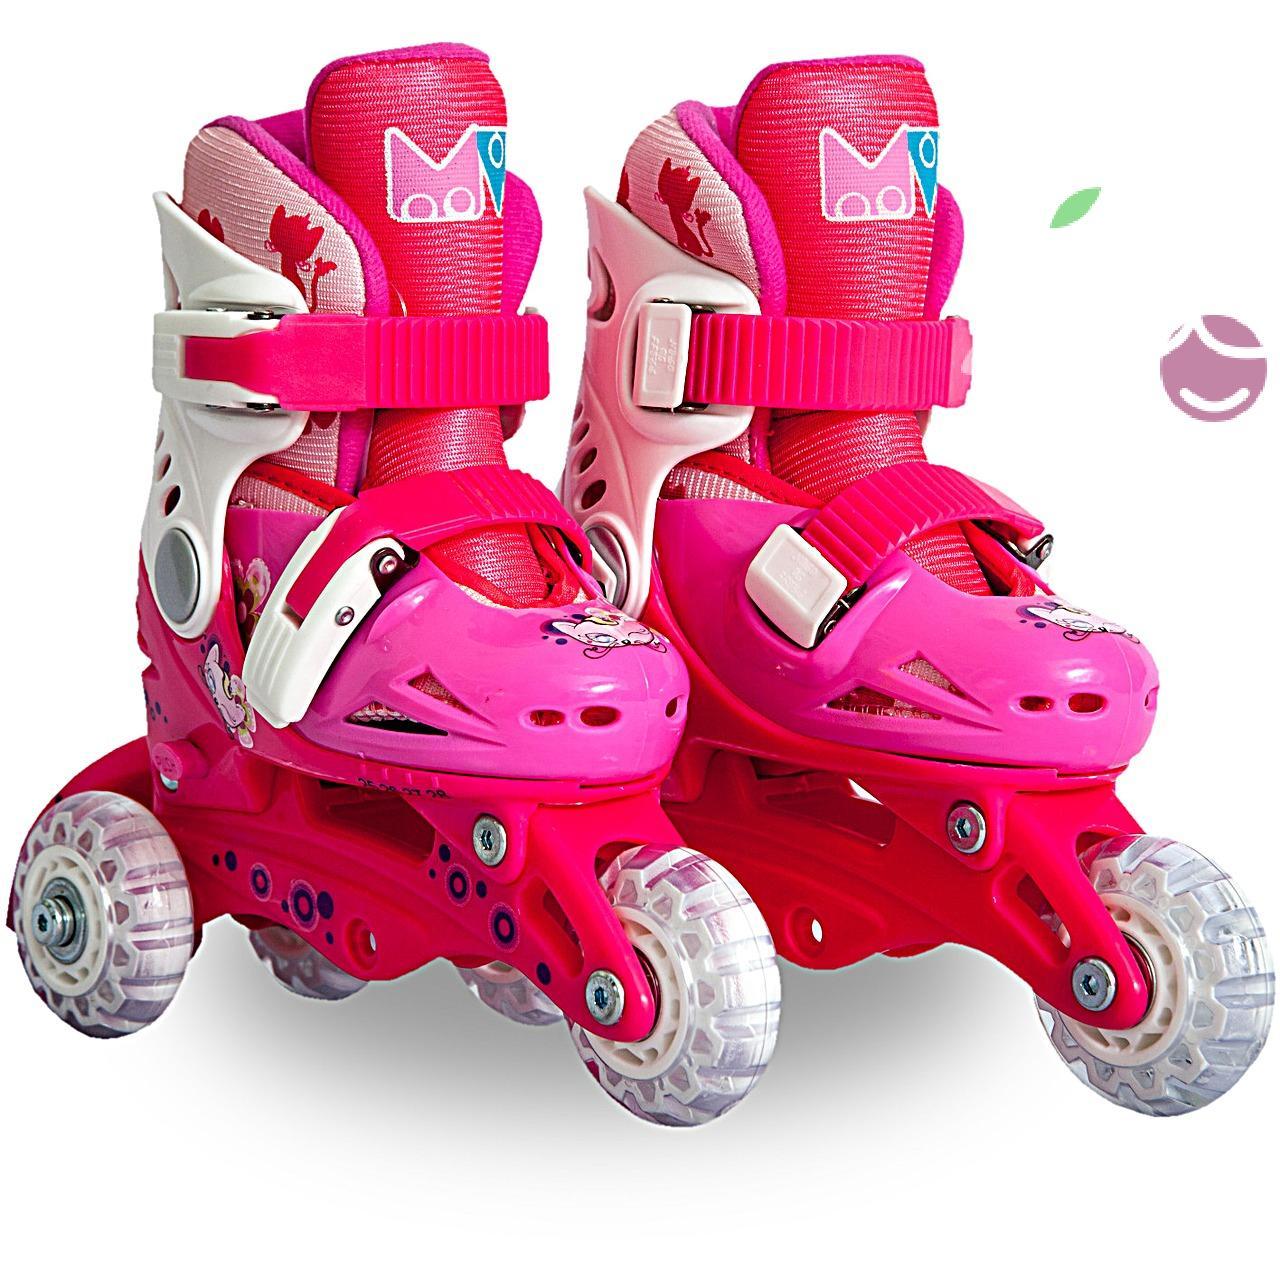 Роликовые коньки детские 27 размер, для обучения (трансформеры, раздвижной ботинок) MagicWheels розовые, - фото 1